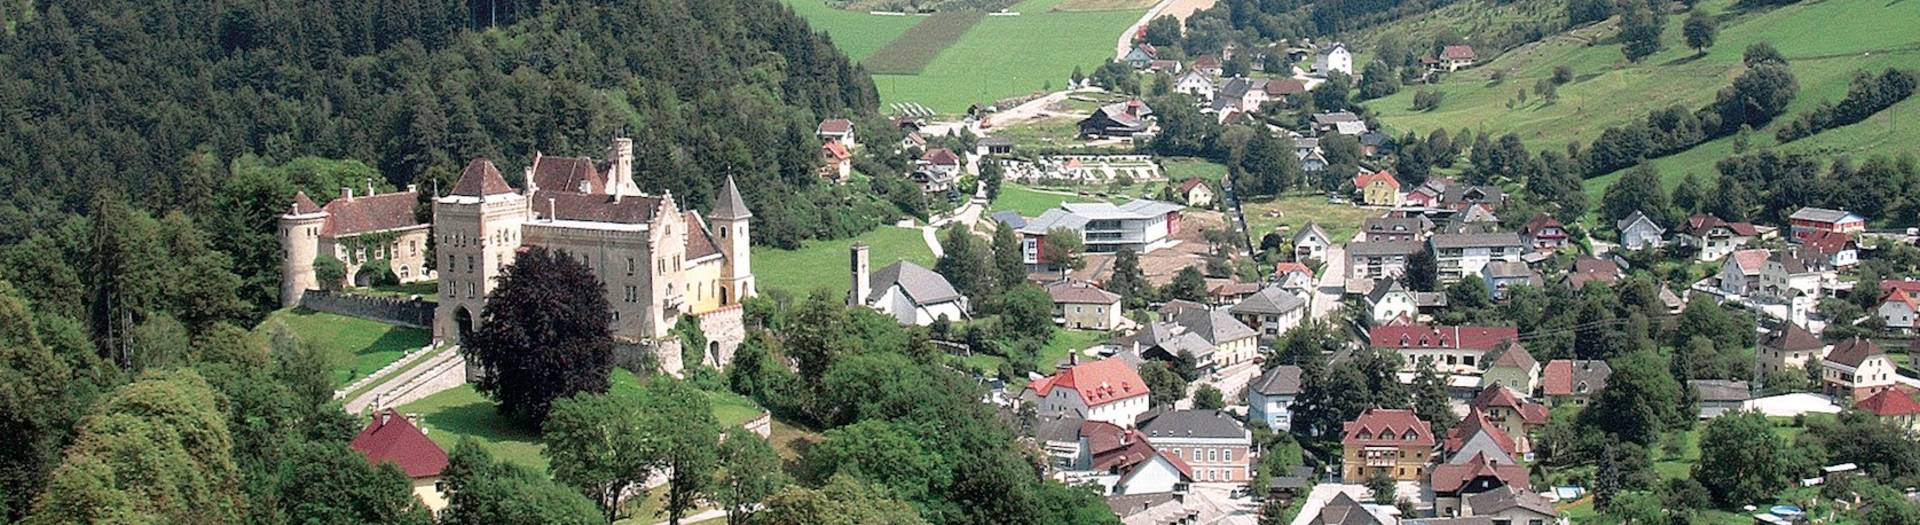 Eberstein in der Tourismusregion Mittelkärnten